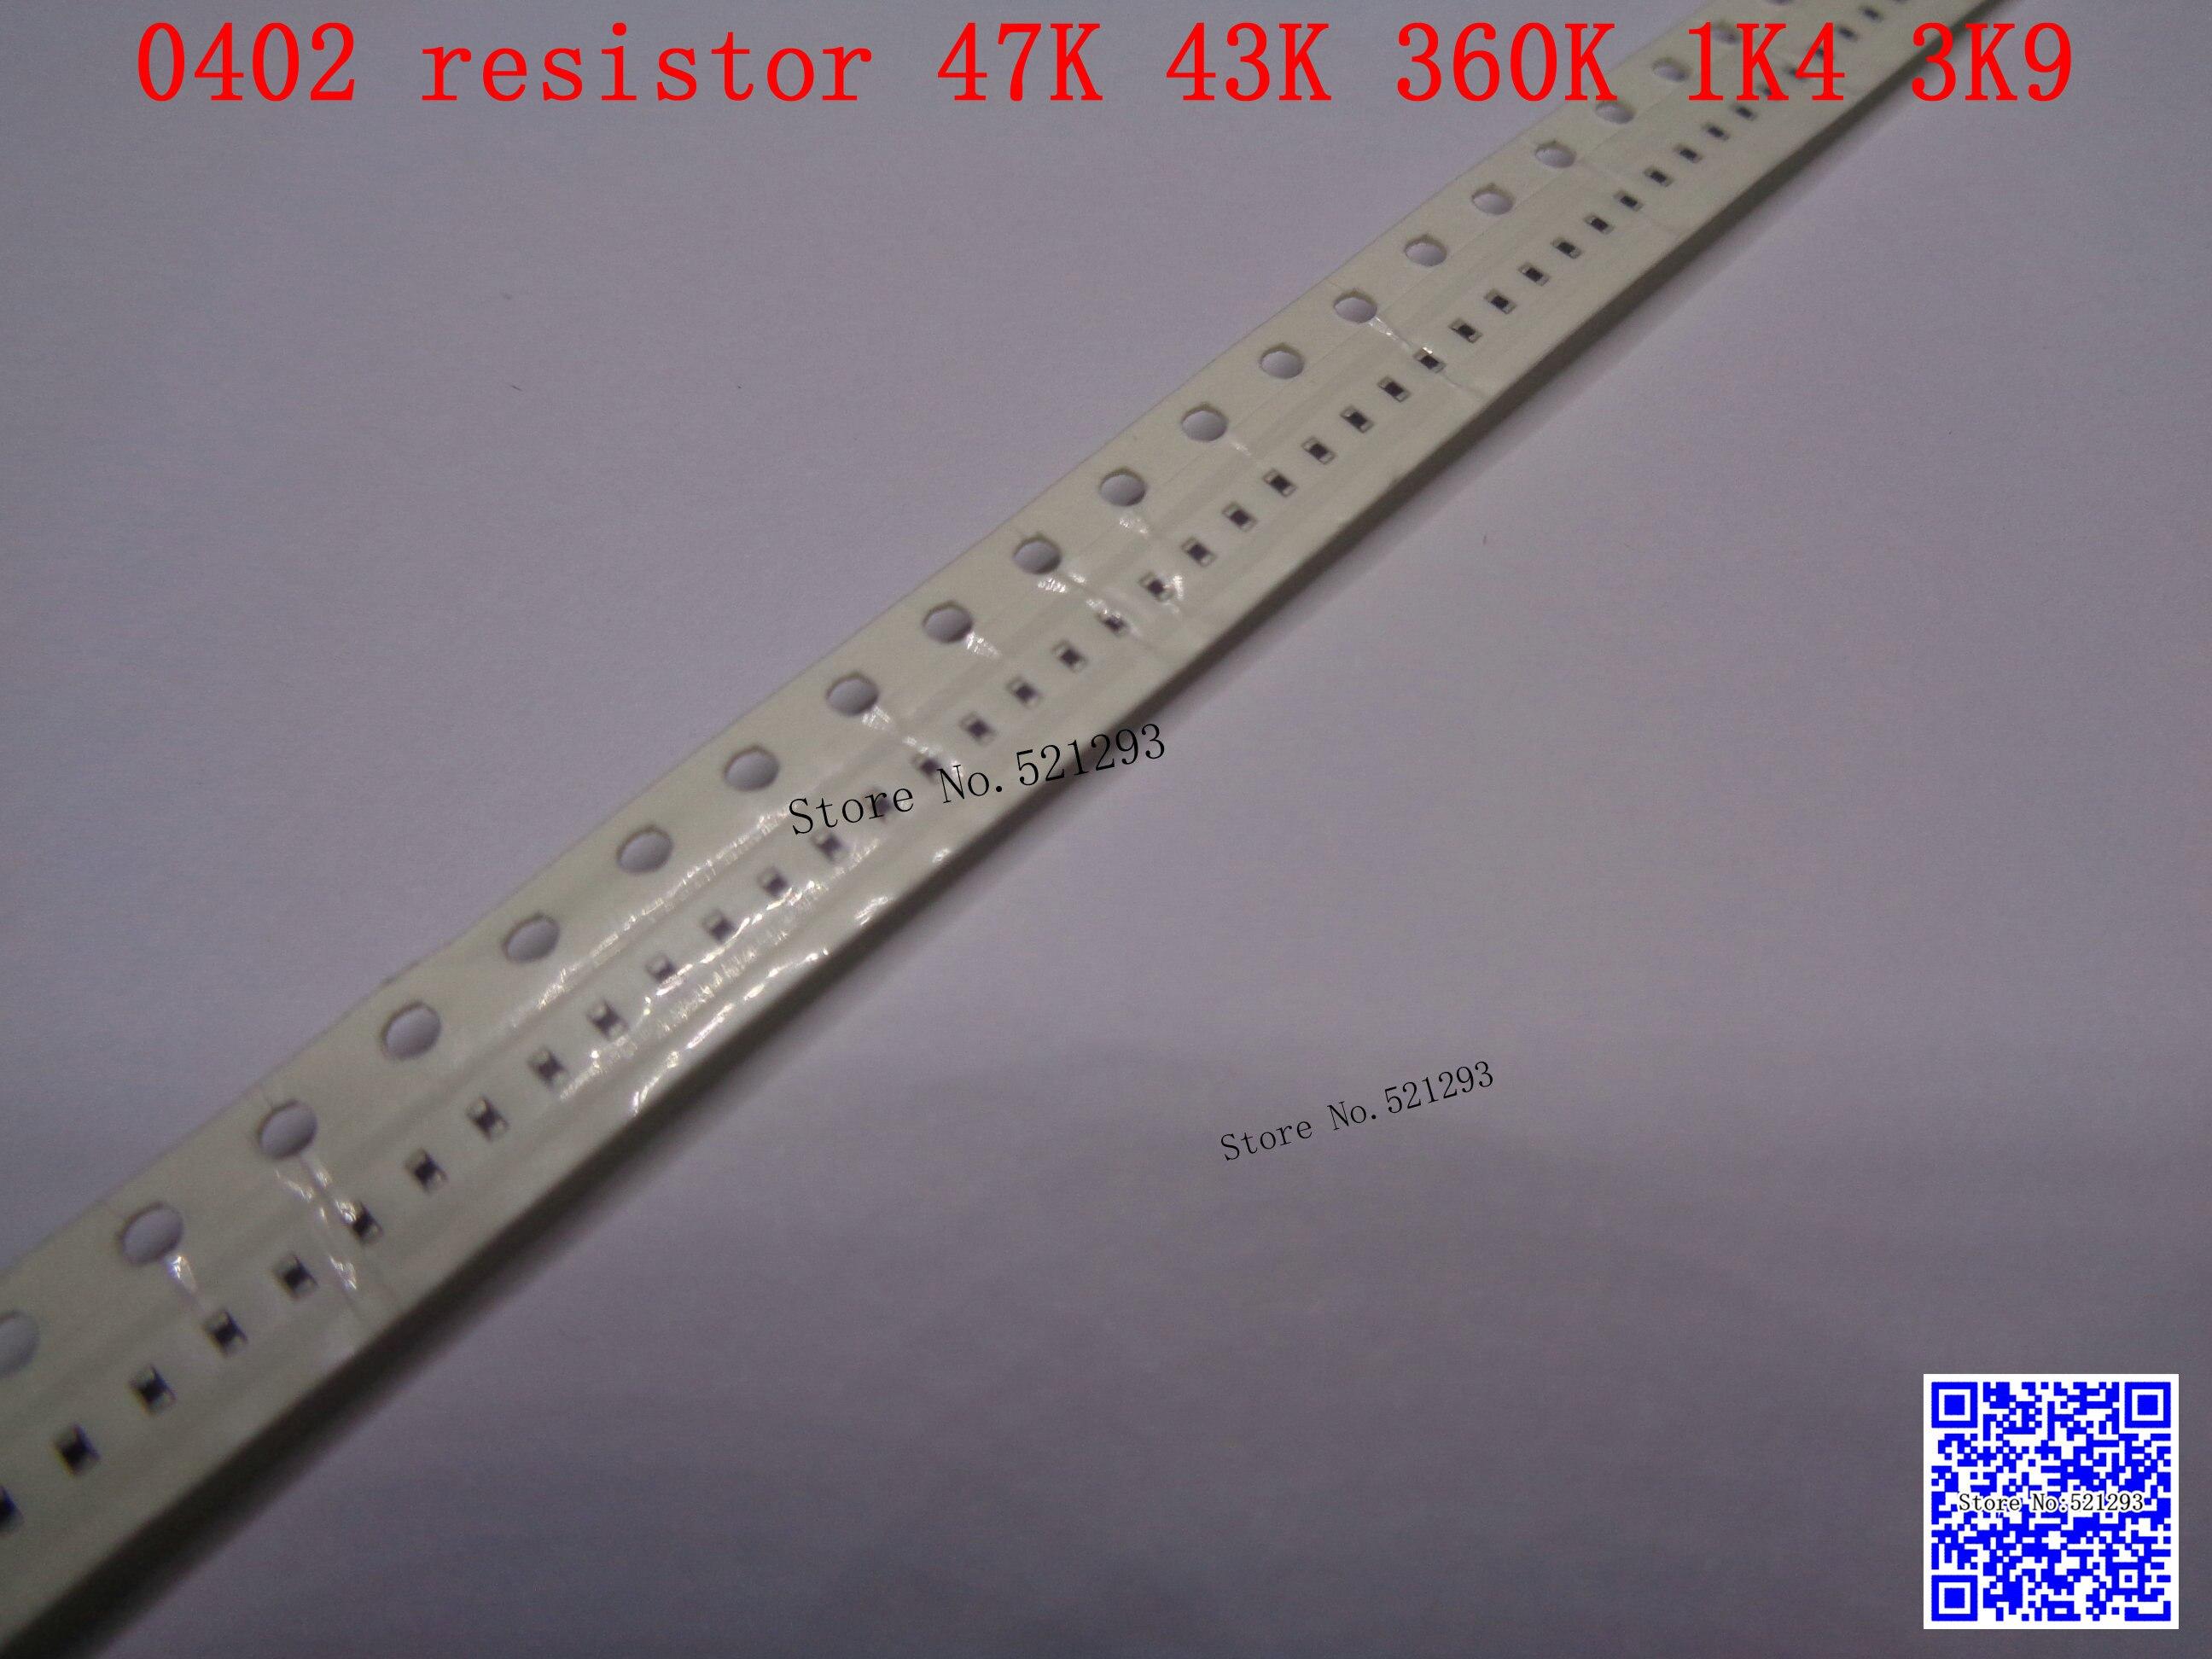 0402 F SMD resistor 1 16W 47K 43K 360K 1 4K 3 9K ohm 1 1005